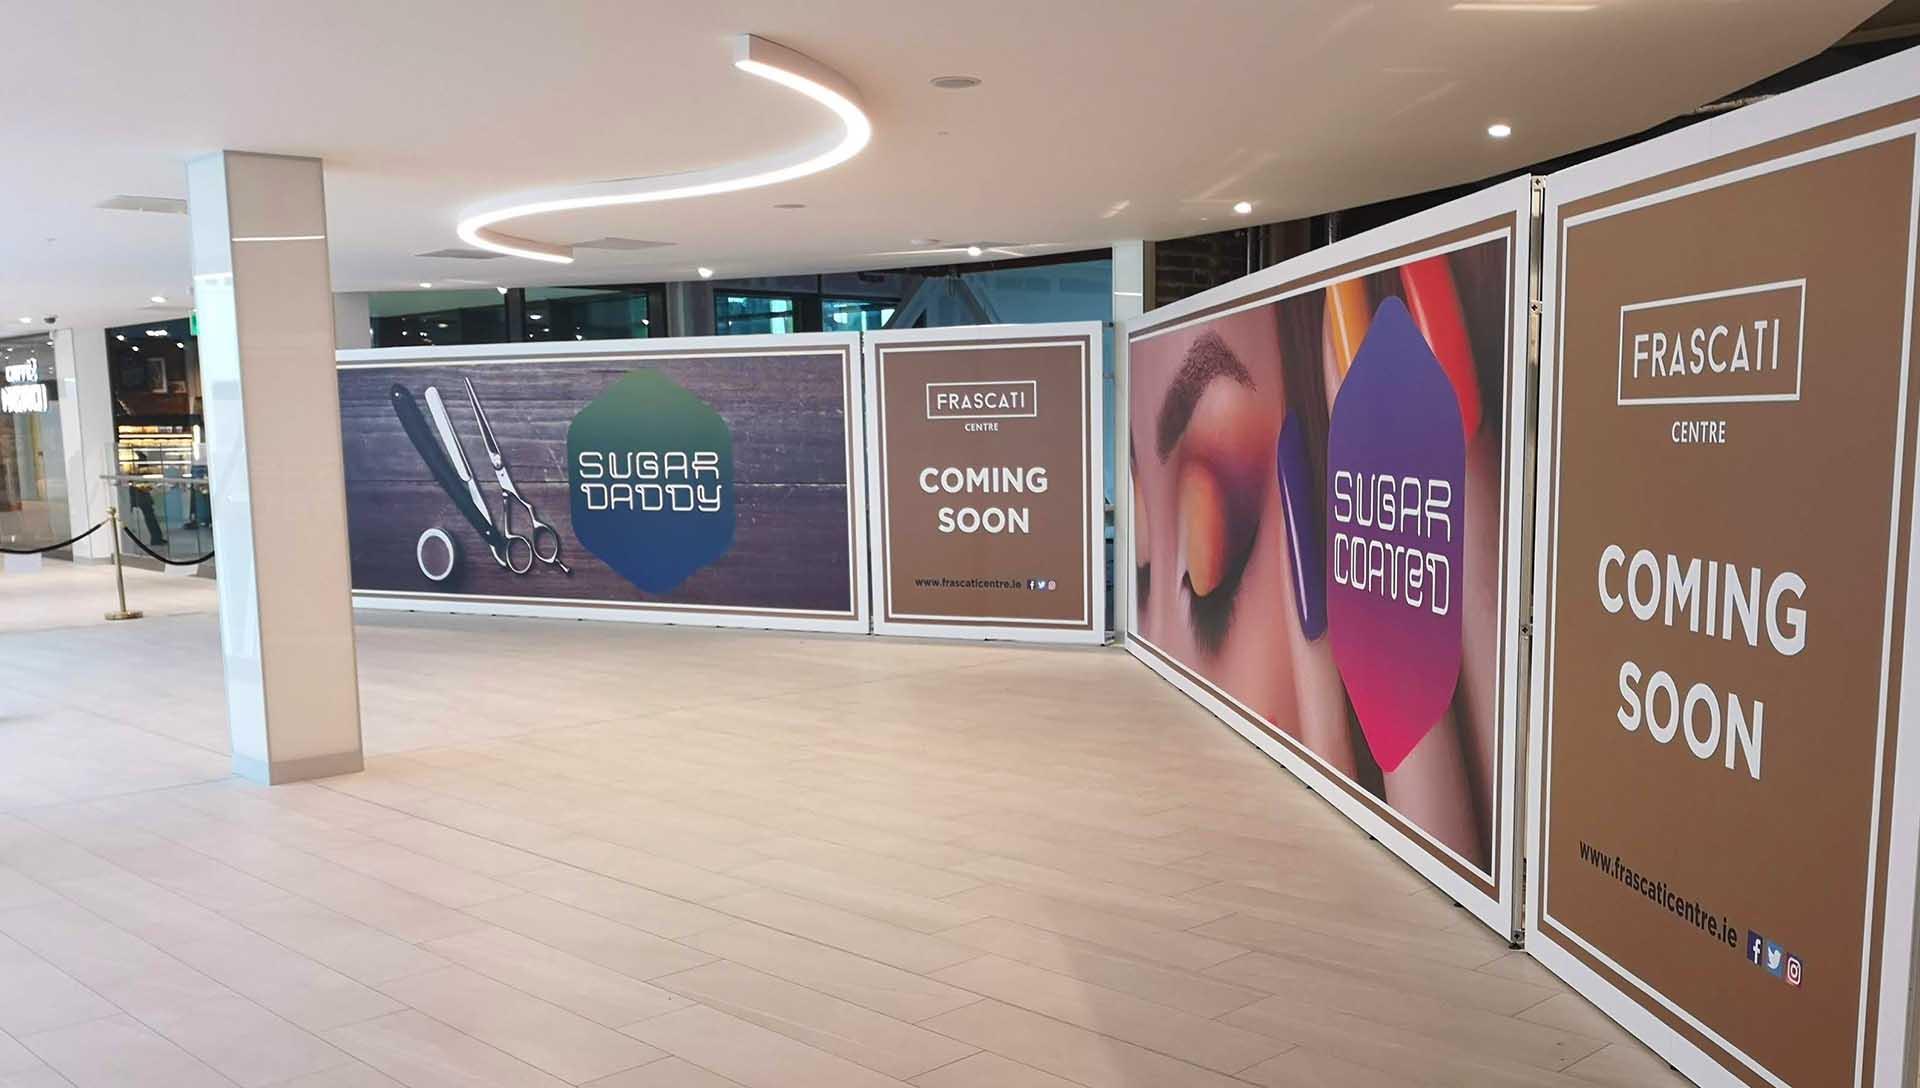 Frascati Centre Advertising Hoarding